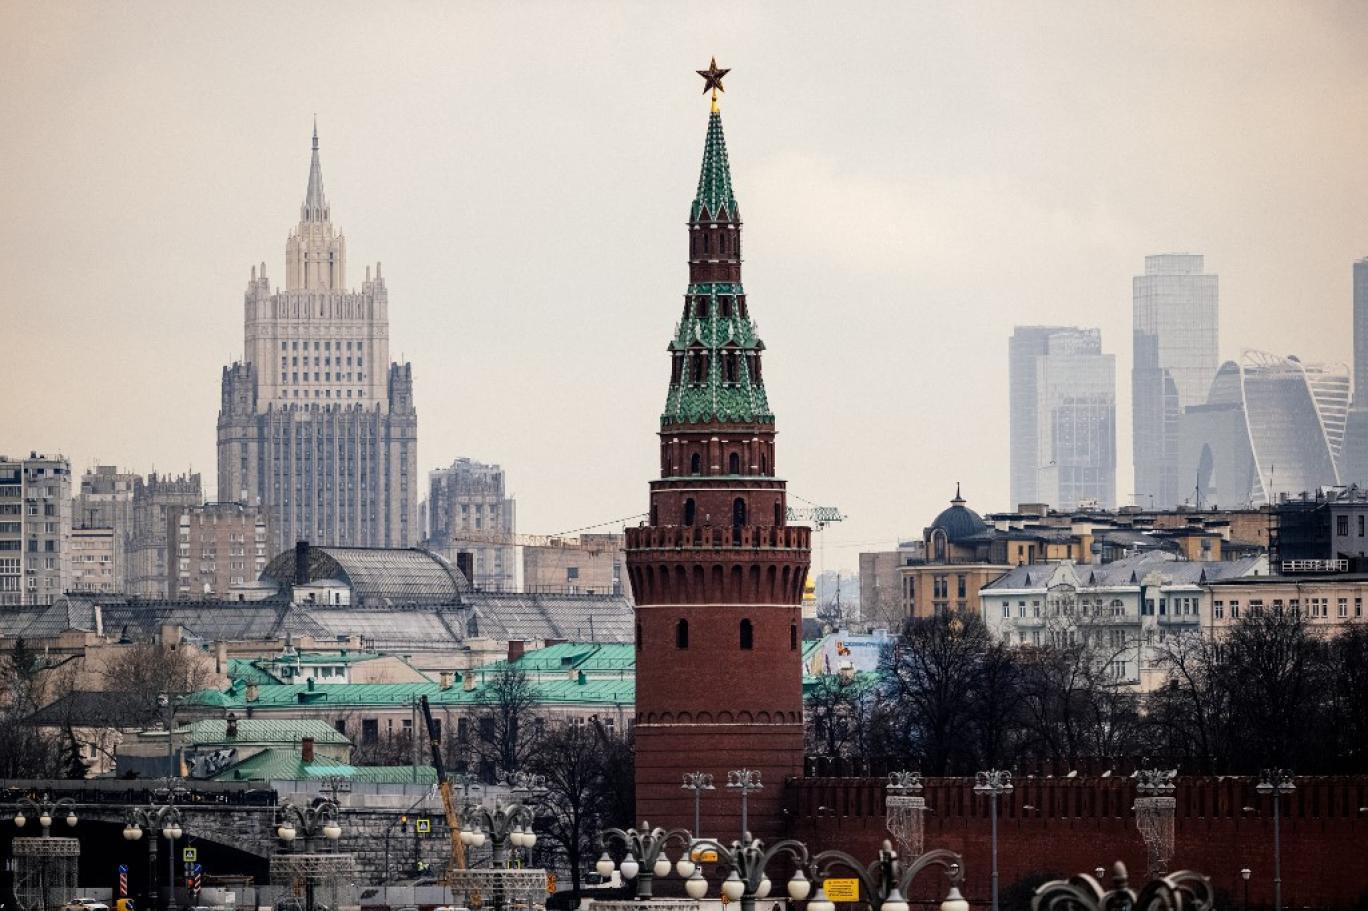 أحد أبراج الكرملين وعليه نجمة ياقوت أمام مقر وزارة الخارجية الروسية  (أ ف ب)  .jpg